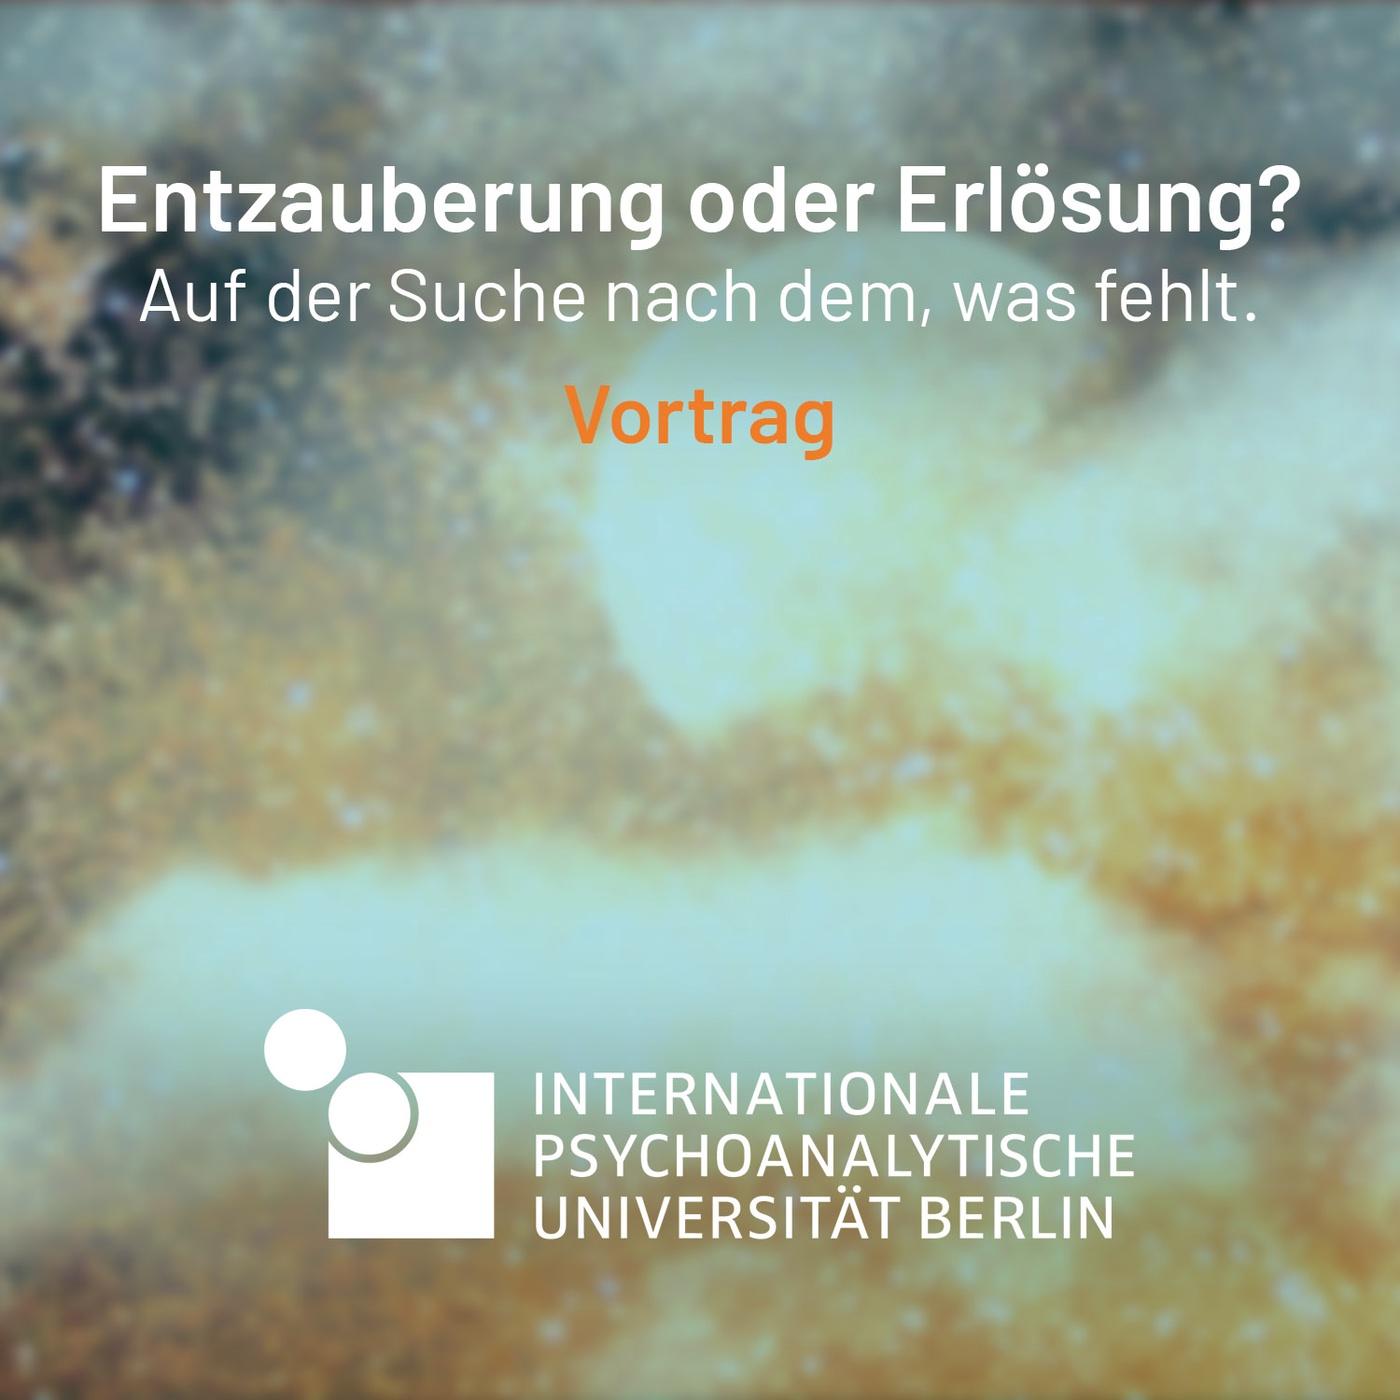 Symposium: Entzauberung oder Erlösung? Teil 1